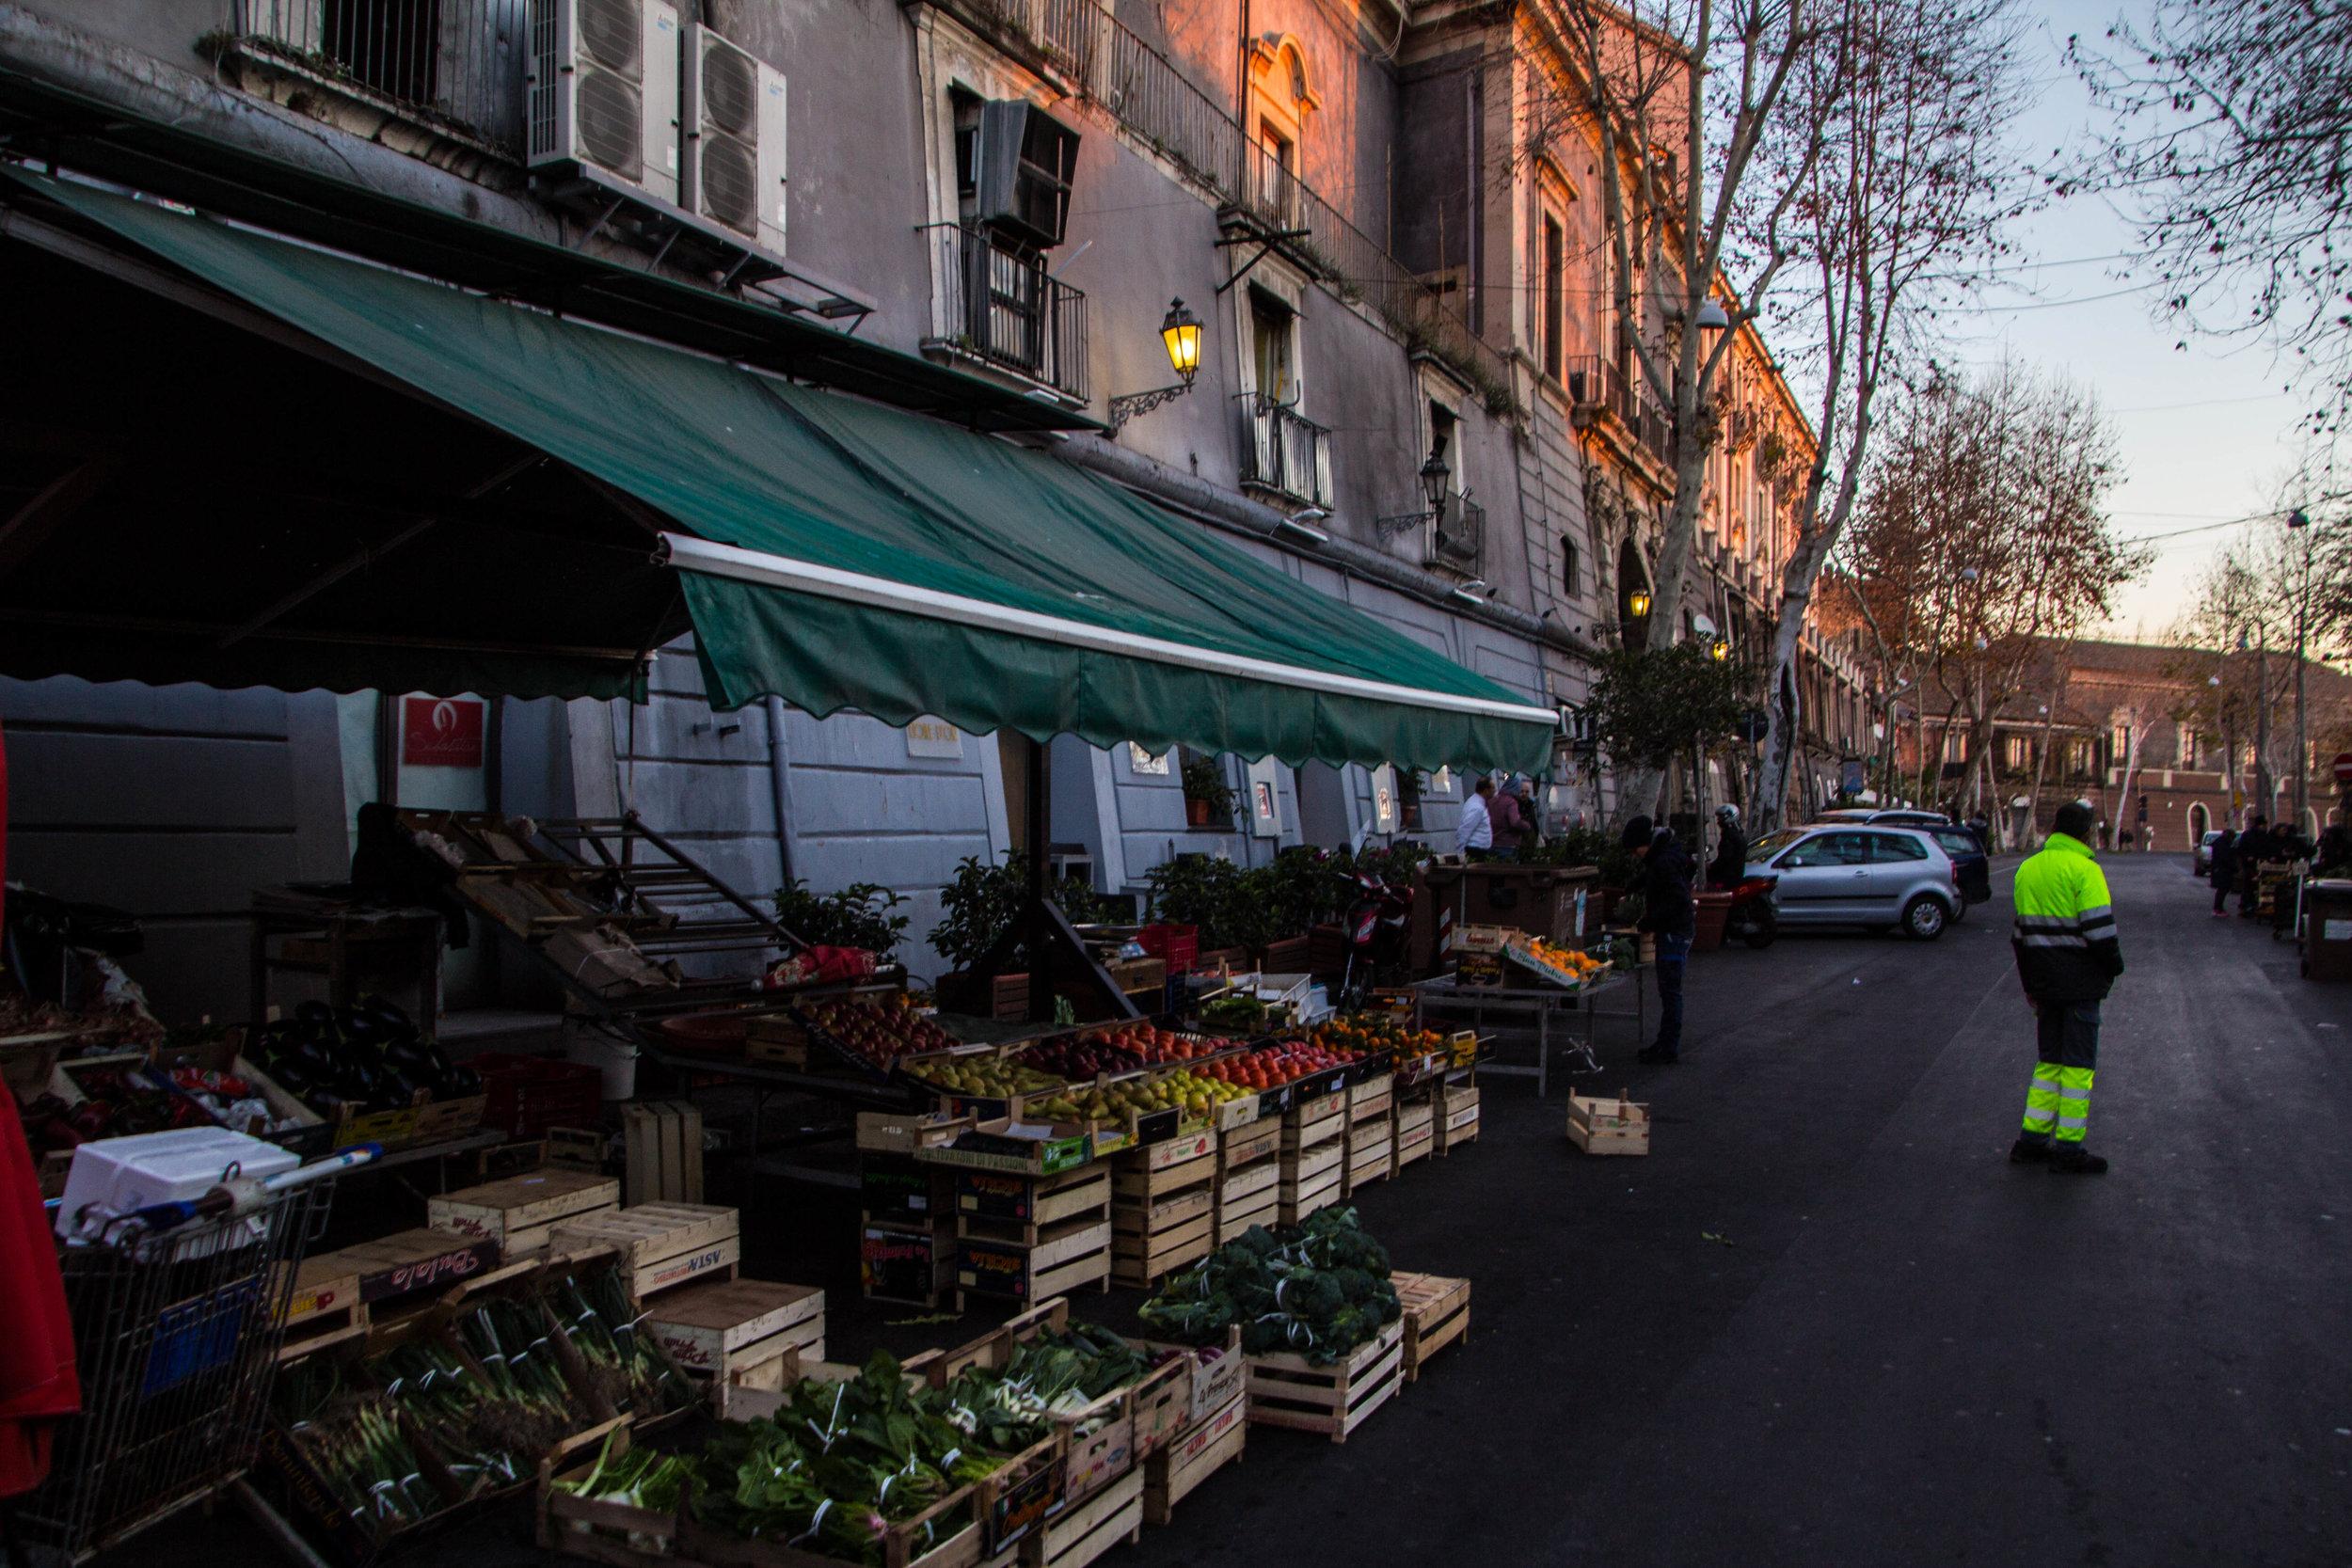 fish-market-catania-sicily-29.jpg